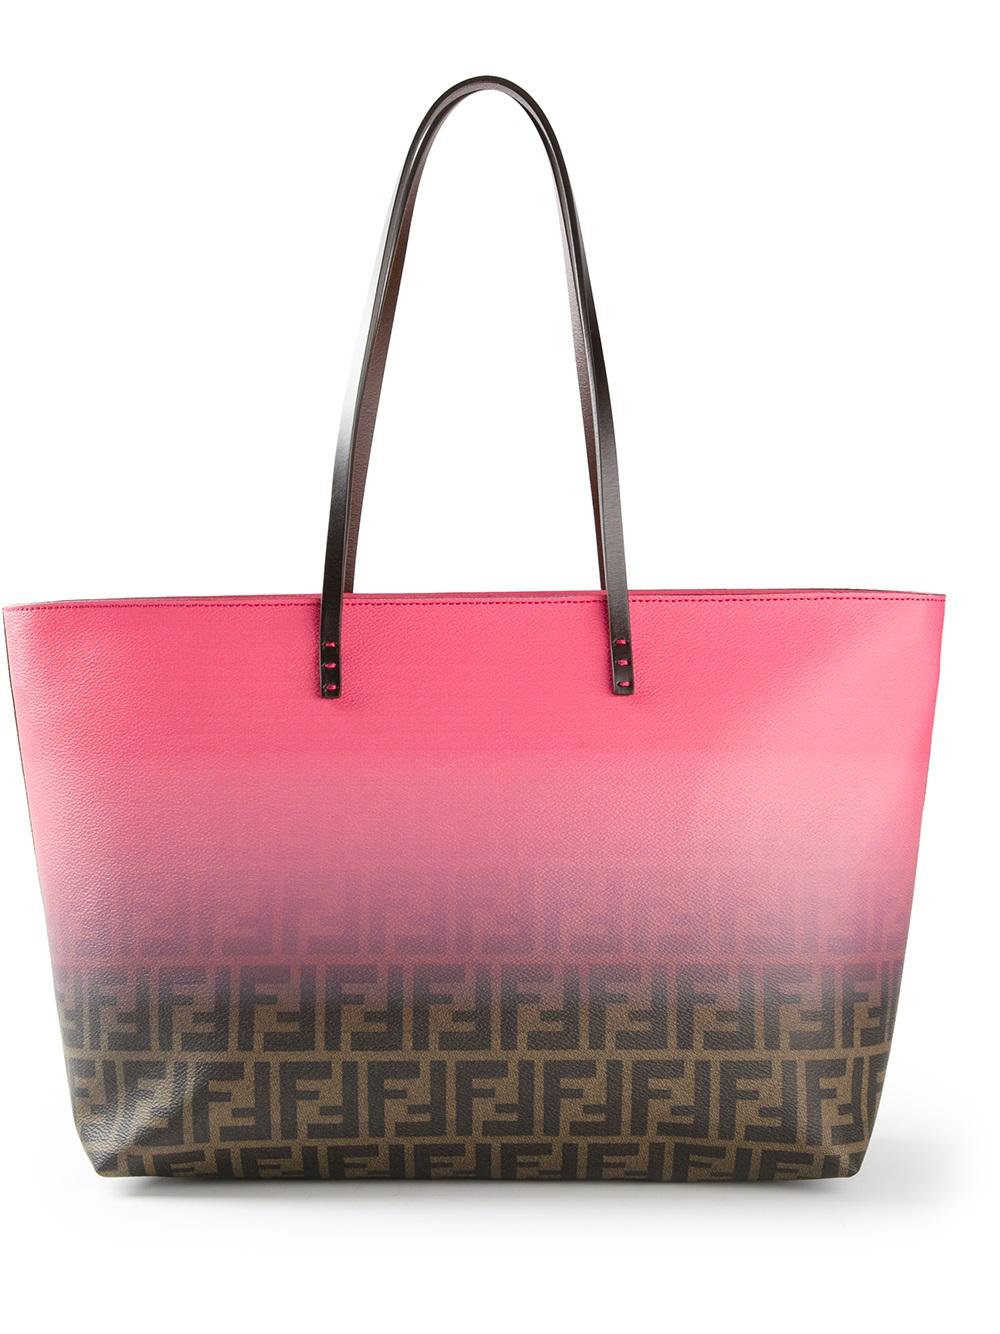 bf2046e03b3 ... low price lyst fendi zucca shopper tote in pink d9f84 11b15 ...